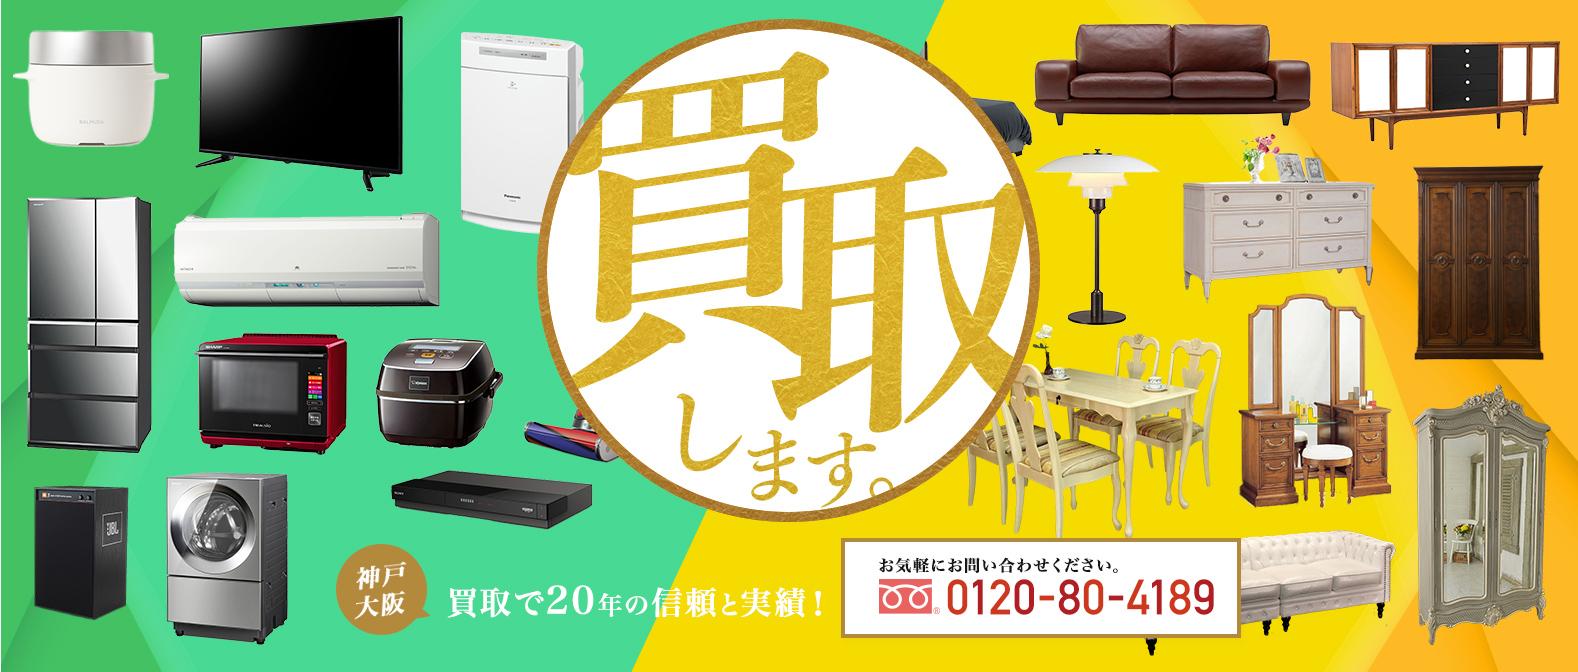 買取りします。神戸/大阪買取りで20年の信頼と実績!